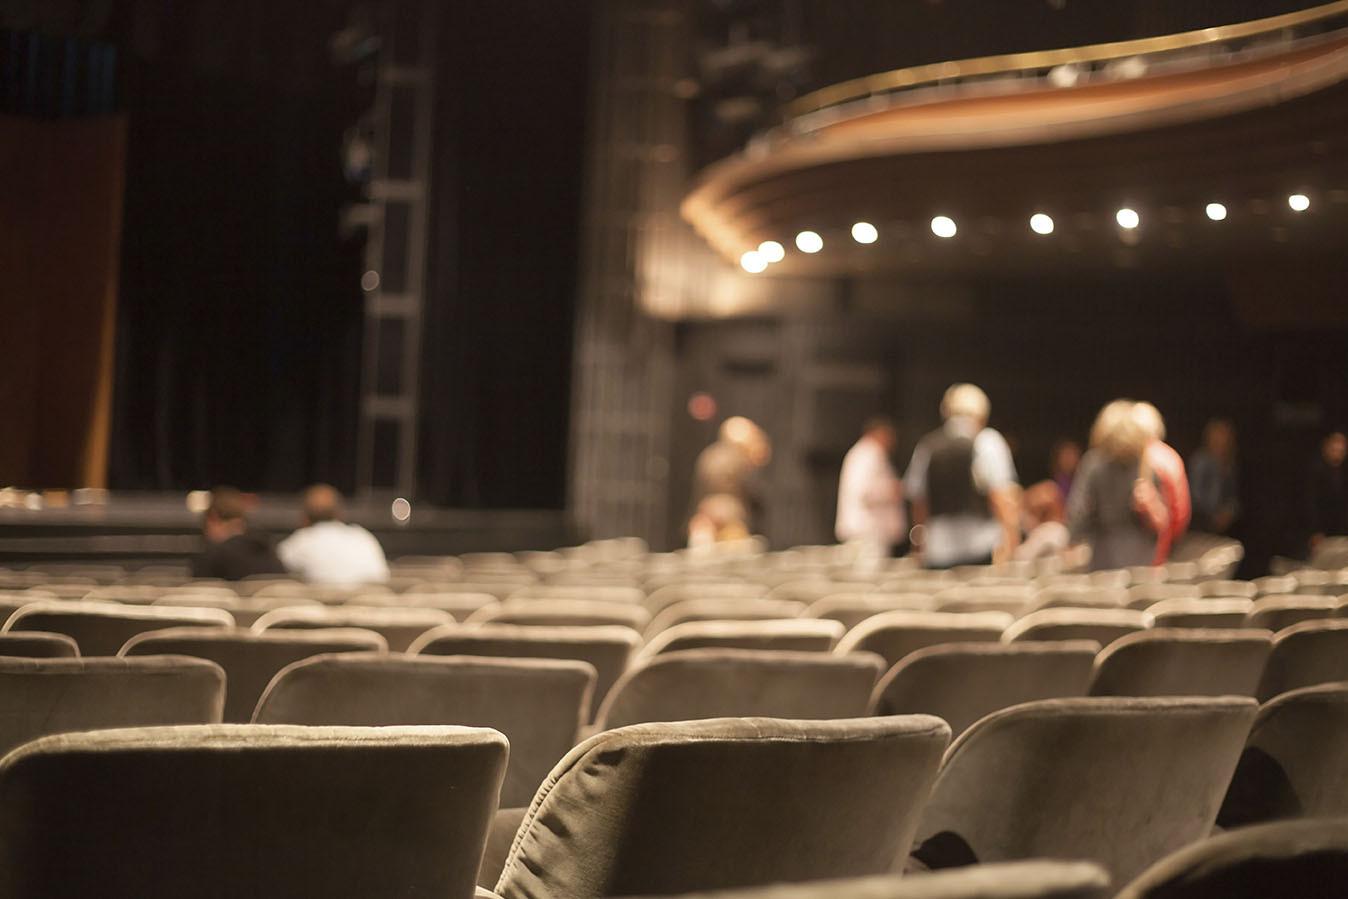 rencontre quelqu'un dans le théâtre application de rencontres totalement gratuit